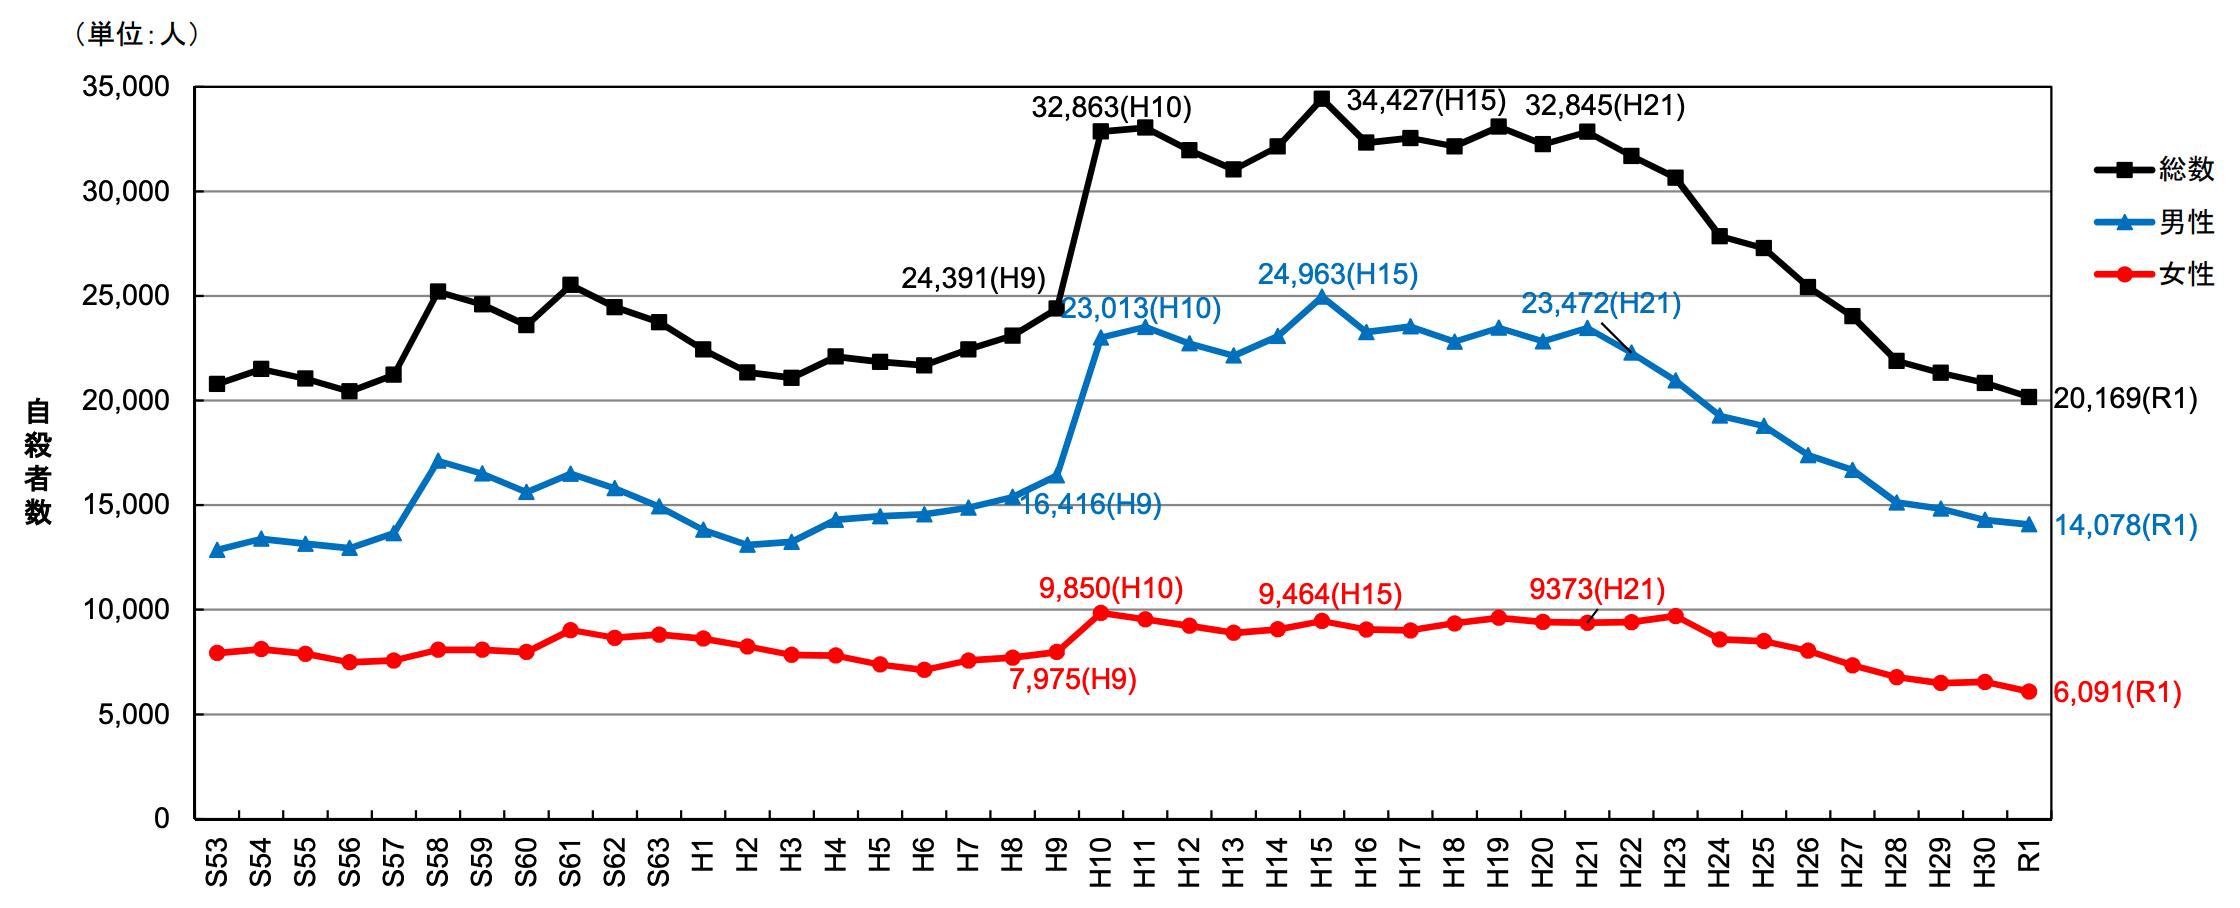 【日本】4月の自殺者数は大幅減少で過去5年で最少。自宅生活が奏功か。厚生労働省発表 3